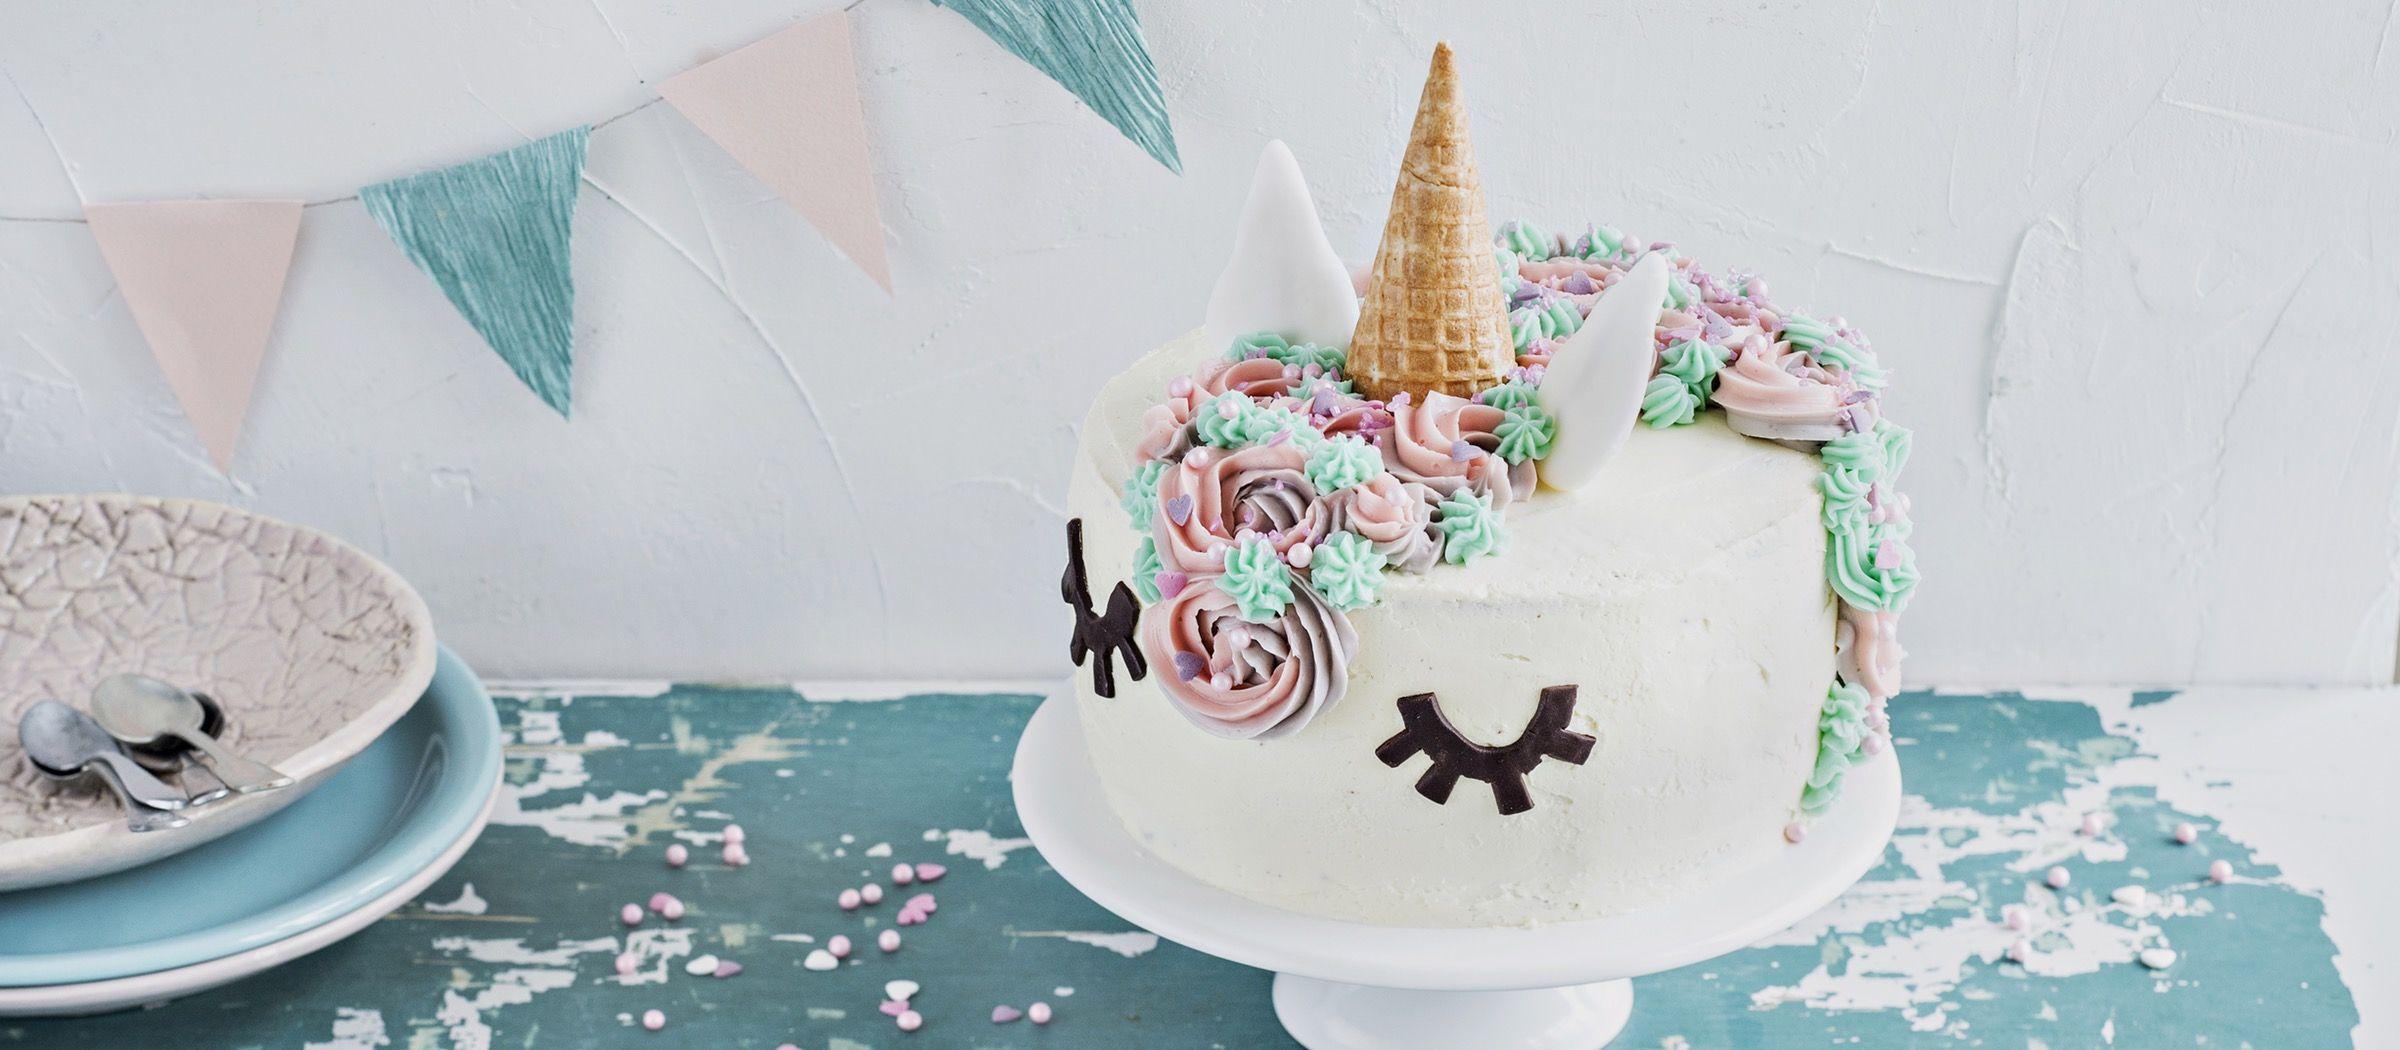 Upea yksisarviskakku eli unicorn-kakku sopii lastenjuhliin tai teemabileisiin. Sisältä löytyy herkullista suklaakakkua ja kolmea marjamoussea.